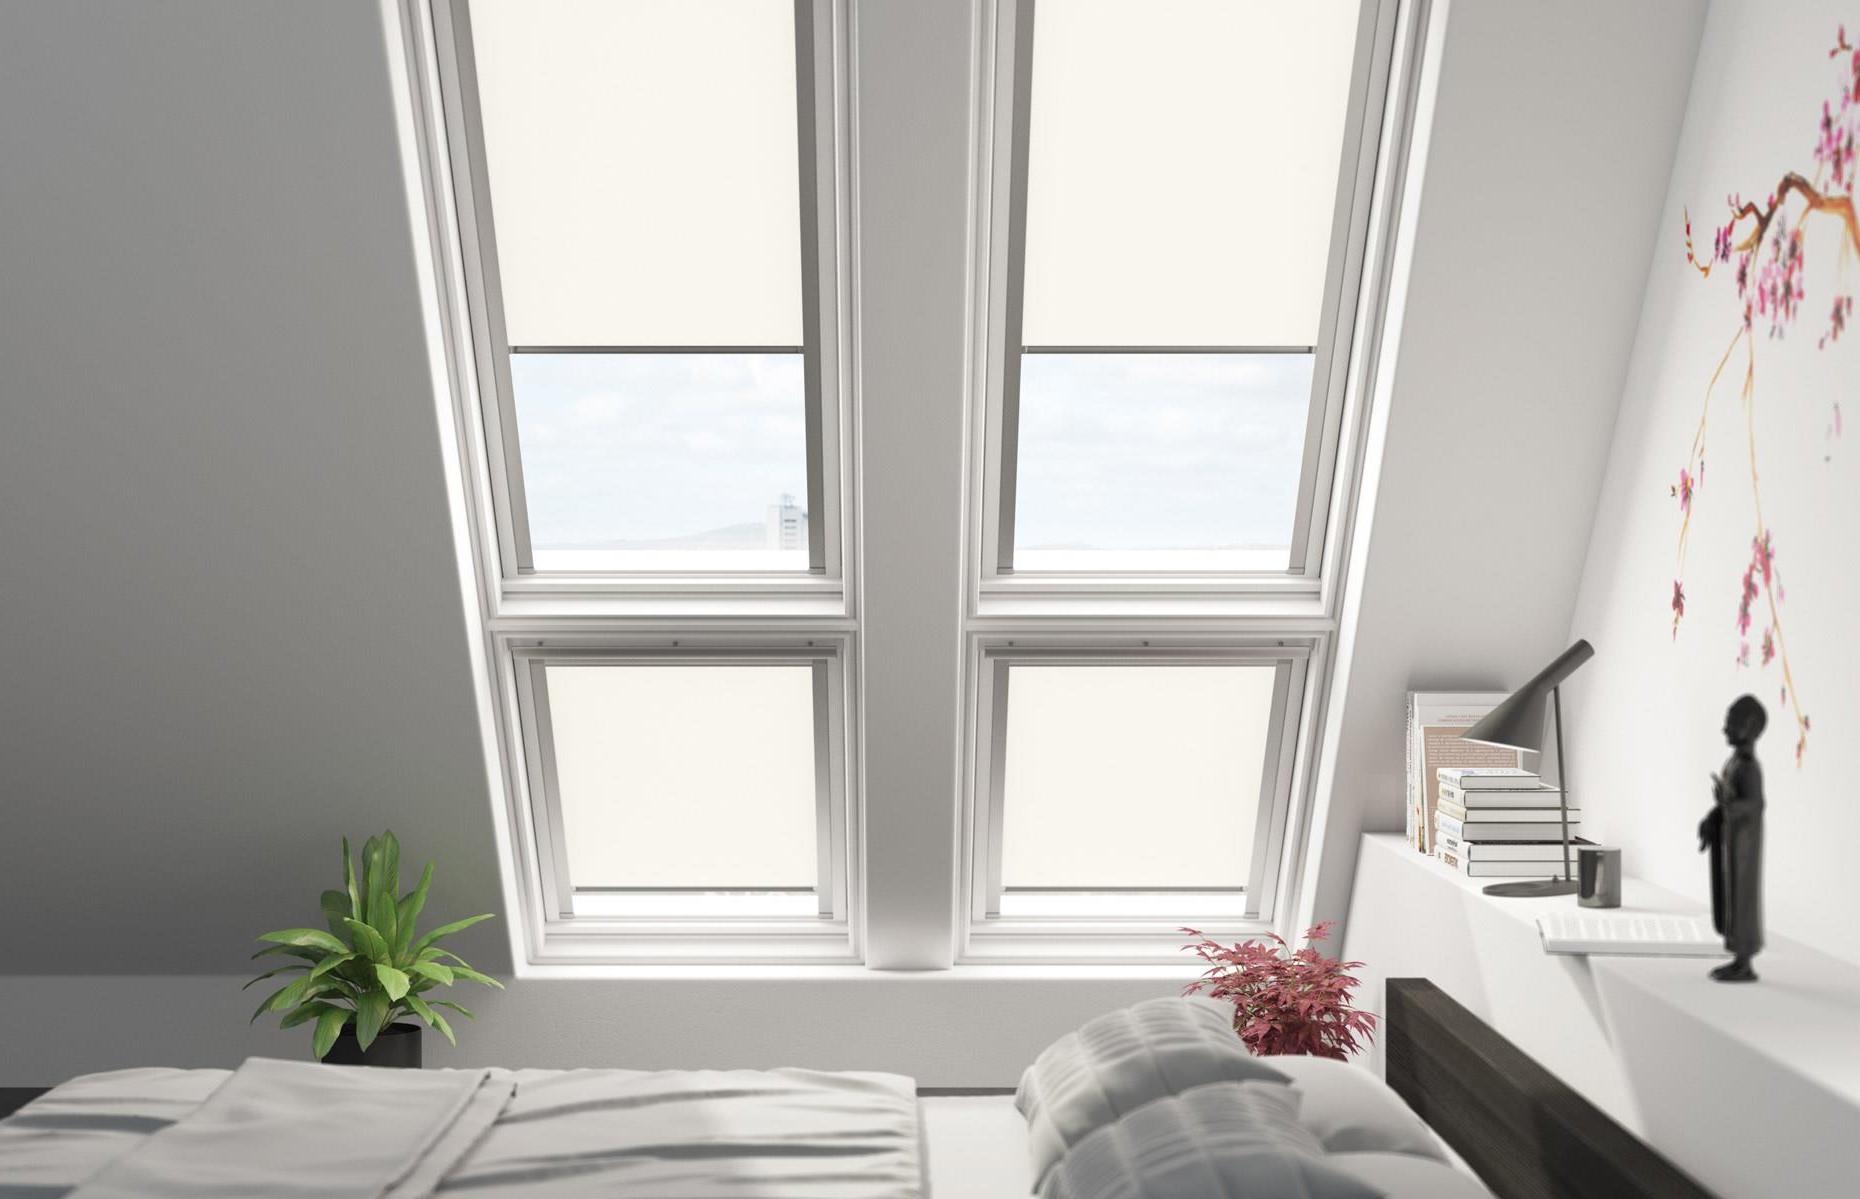 Si votre maison est neuve, le papier peint peut être un moyen efficace et peu coûteux d'ajouter du caractère à la chambre à coucher.